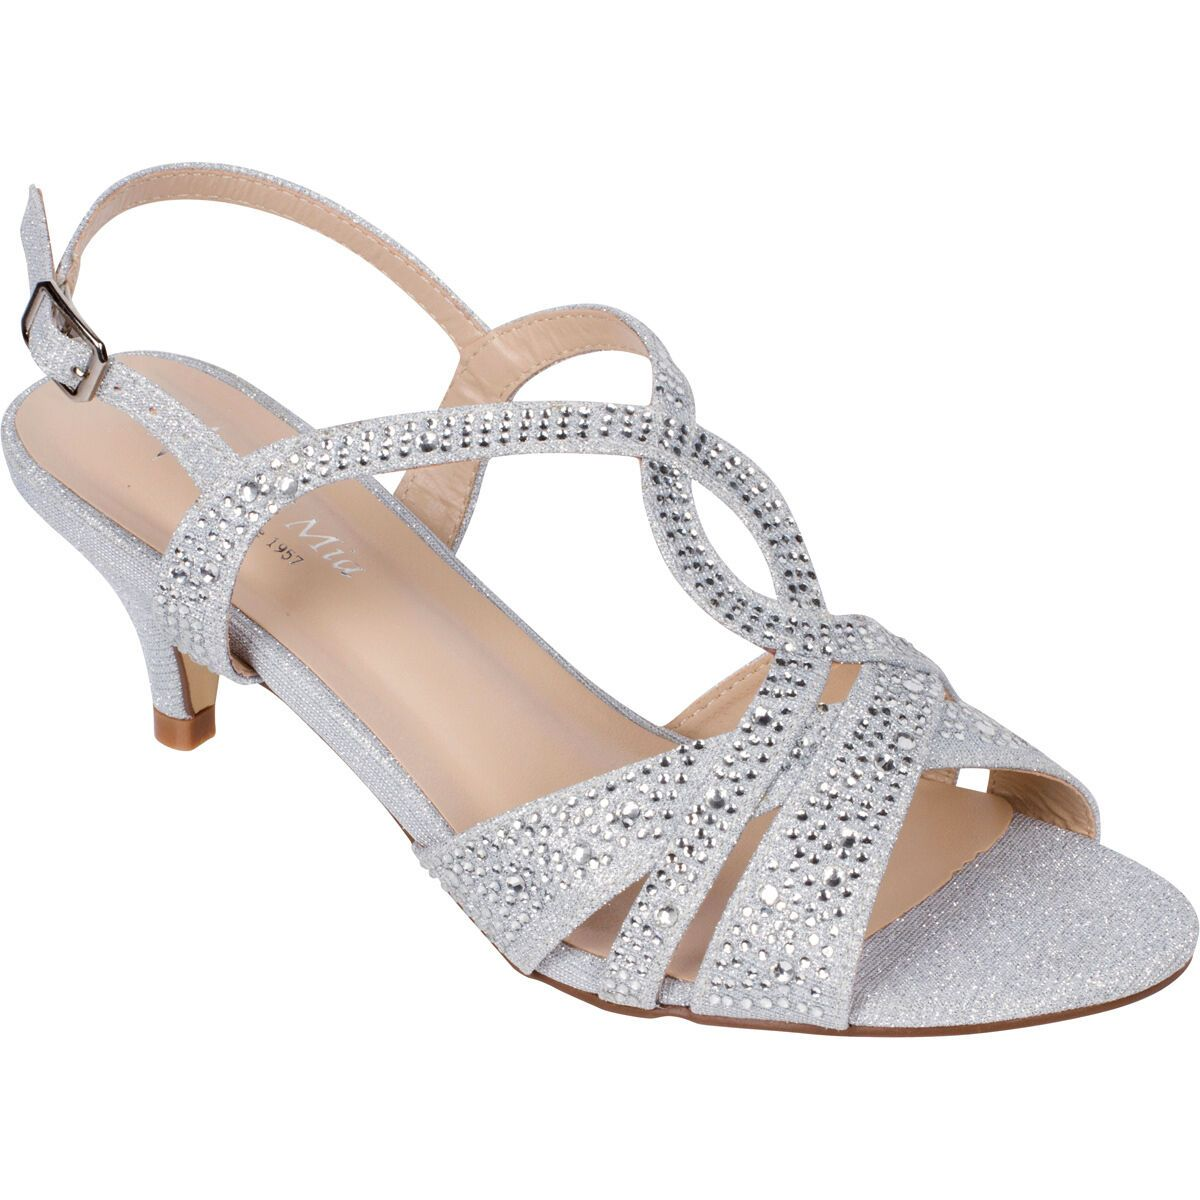 Women S Silver Dress Shoes Low Heel Sandals Wedding Rhinestone Open Toe Strappy In 2020 Silver Dress Shoes Low Heels Silver Dress Sandals Dress Shoes Womens